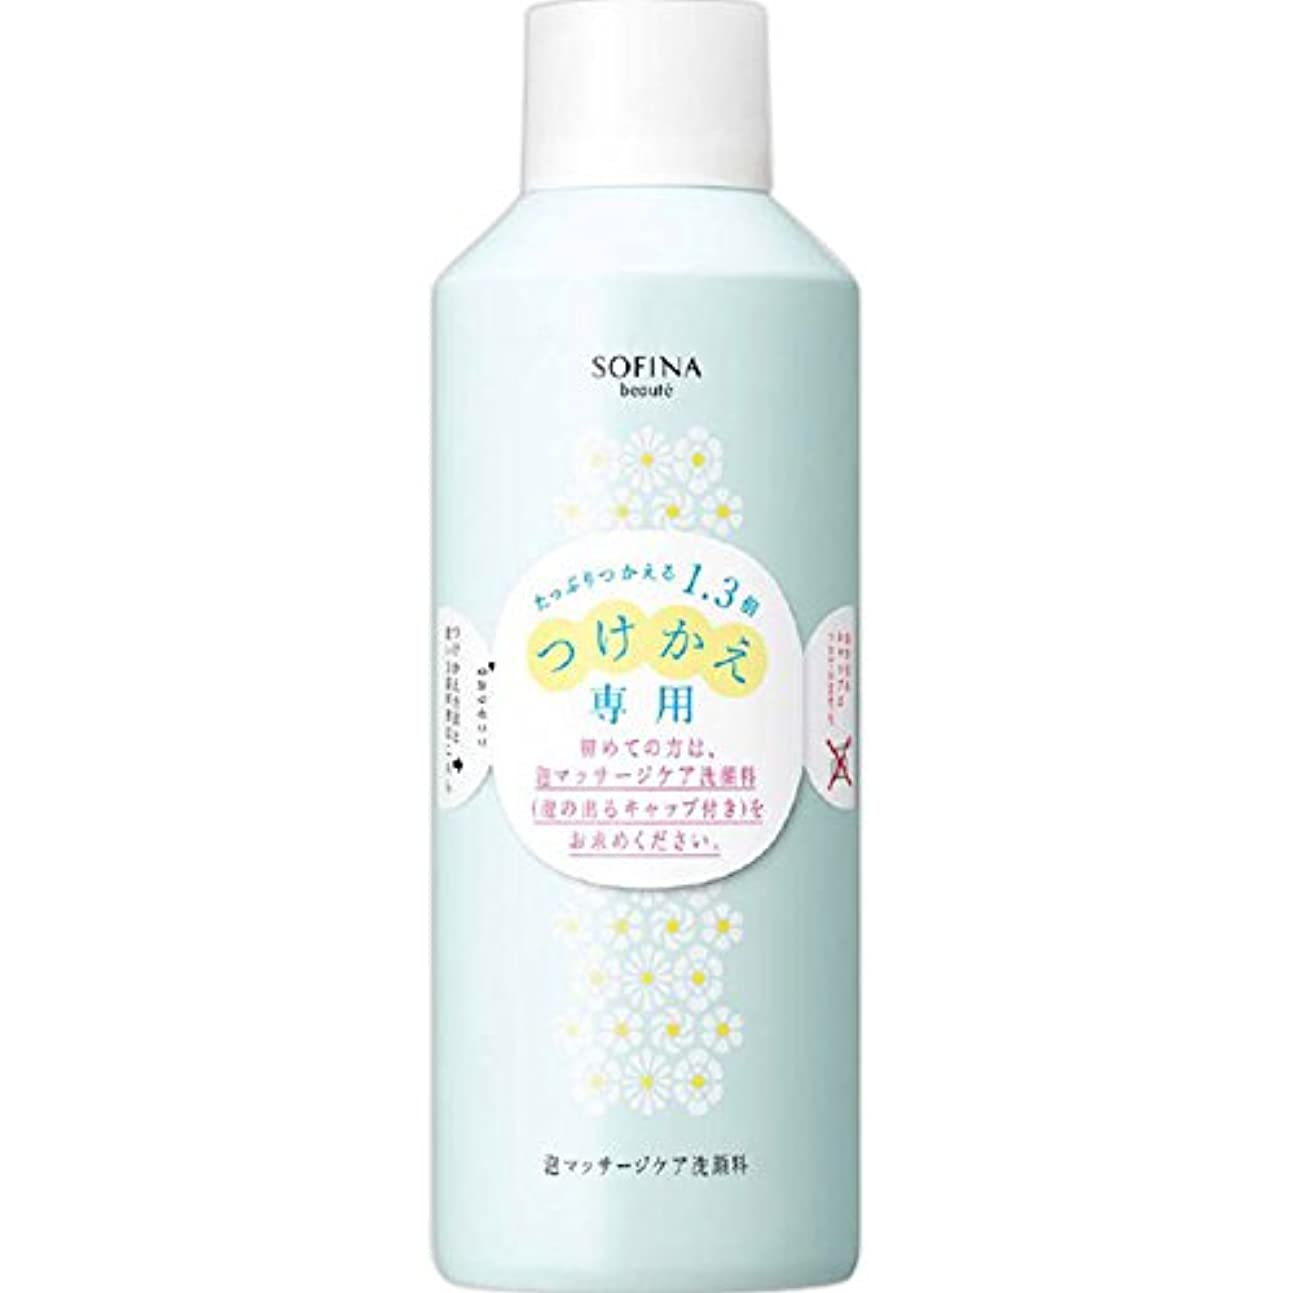 第九社交的感嘆花王ソフィーナ ボーテ 泡マッサージケア洗顔料 つけかえ専用230g